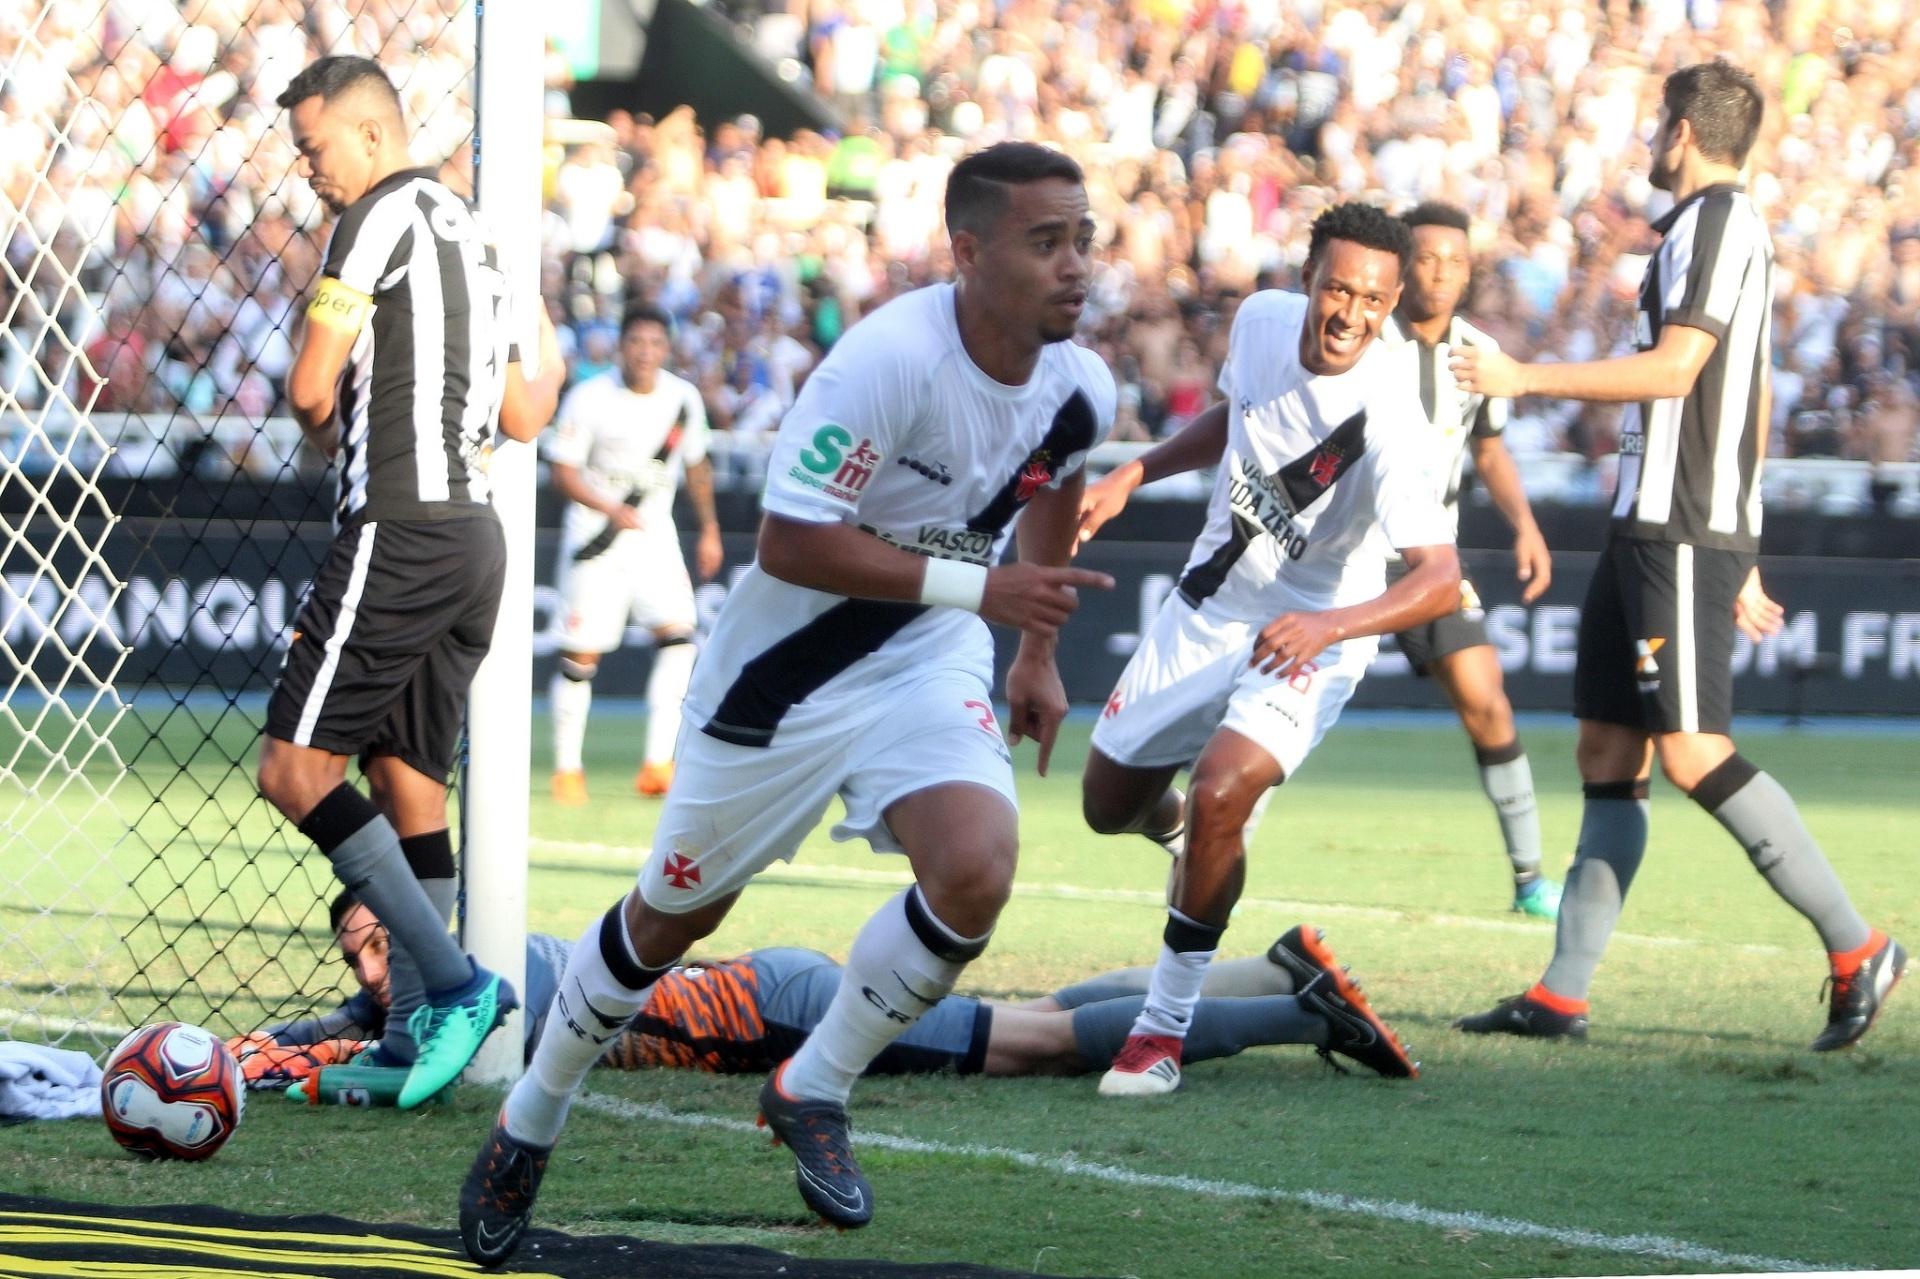 Vasco vence Botafogo com gol no último minuto e abre vantagem na final -  01 04 2018 - UOL Esporte 46359c33207cf